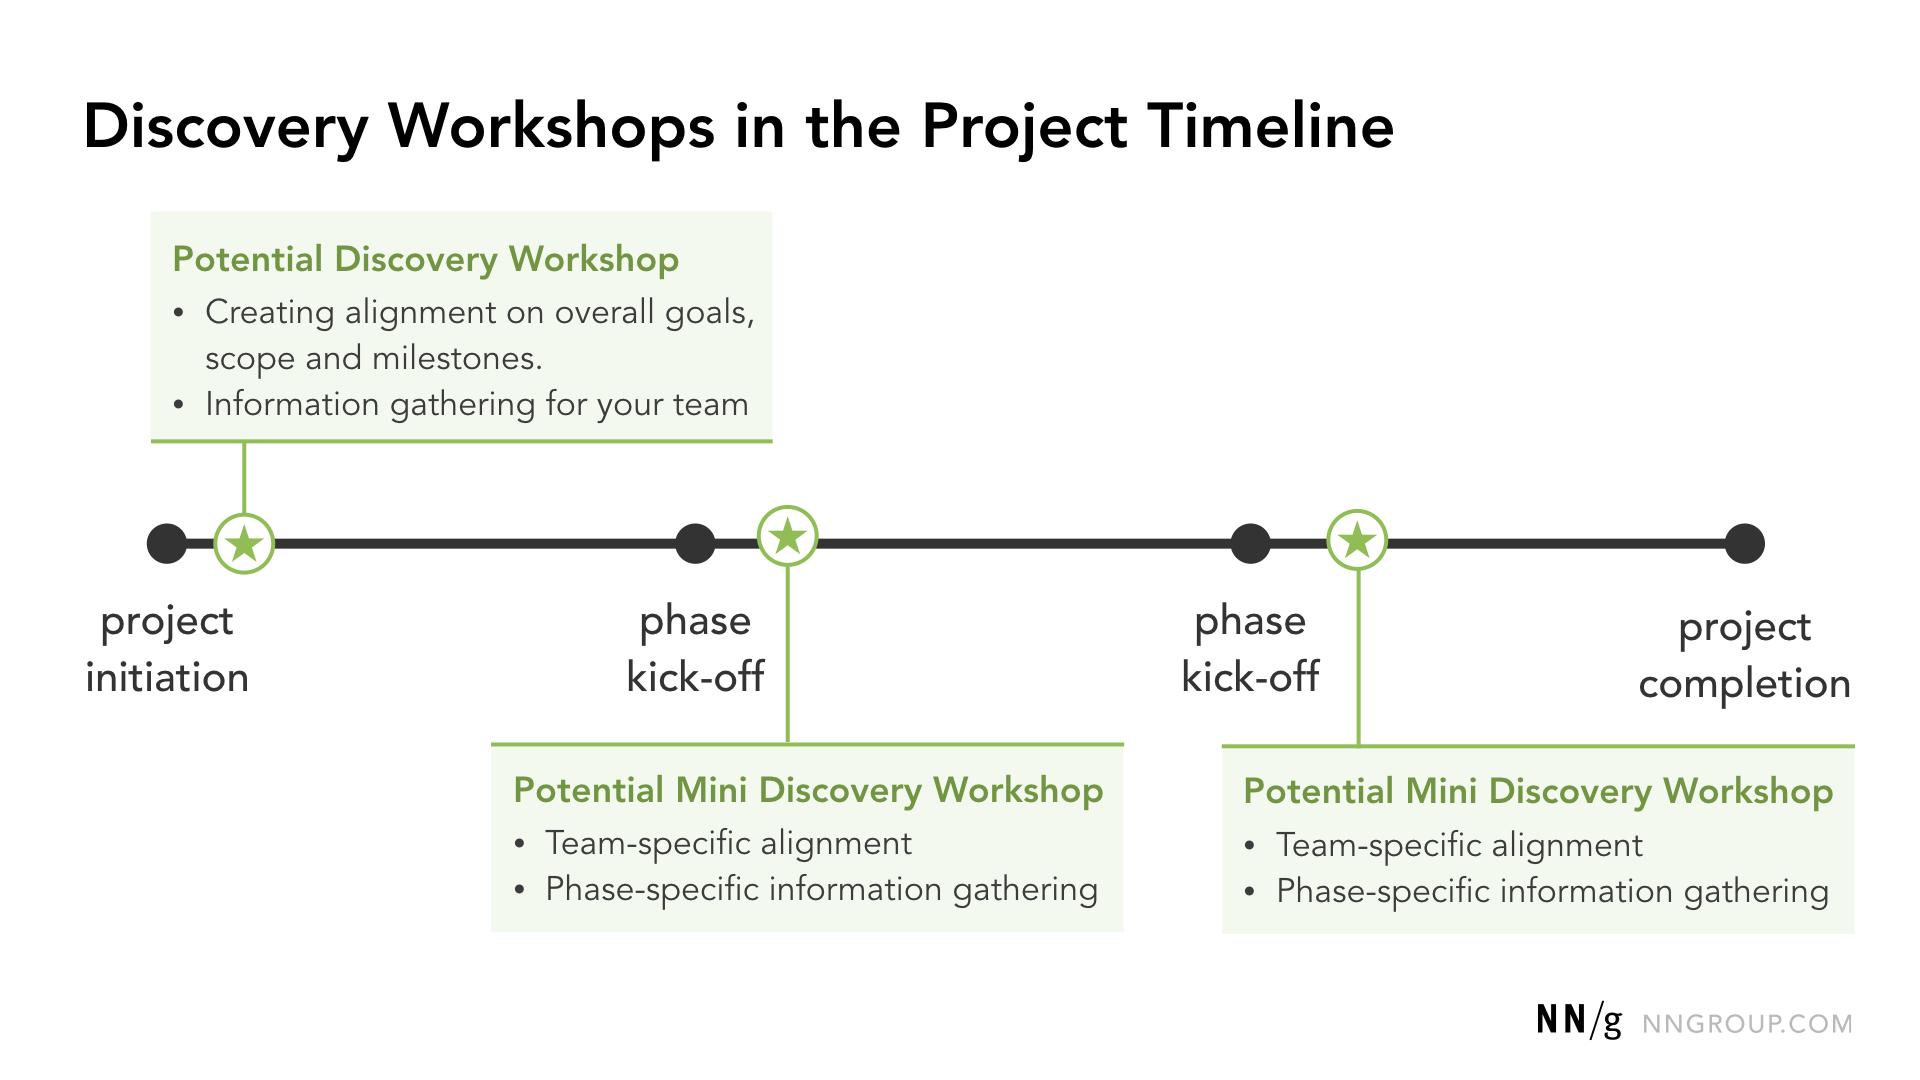 Options pour des ateliers de découverte dans la chronologie du processus de conception